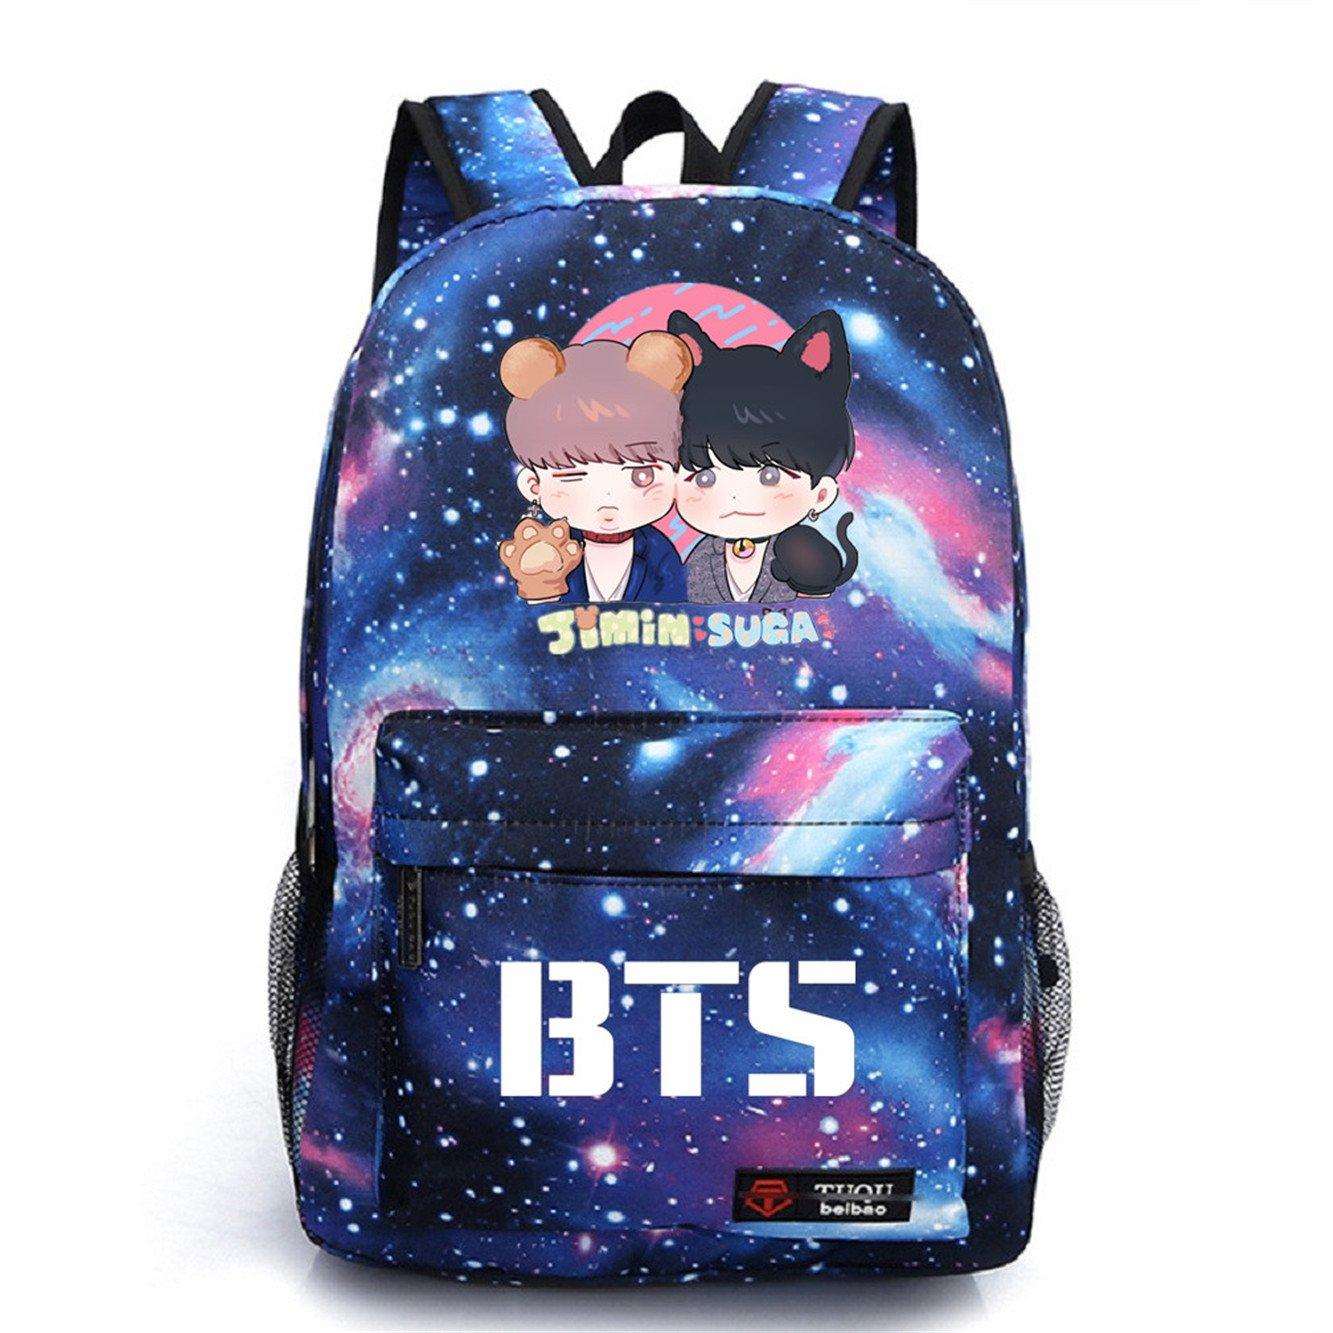 JUSTGOGO Korean Casual Backpack Daypack Laptop Bag Student Bag Book Bag School Bag (1)